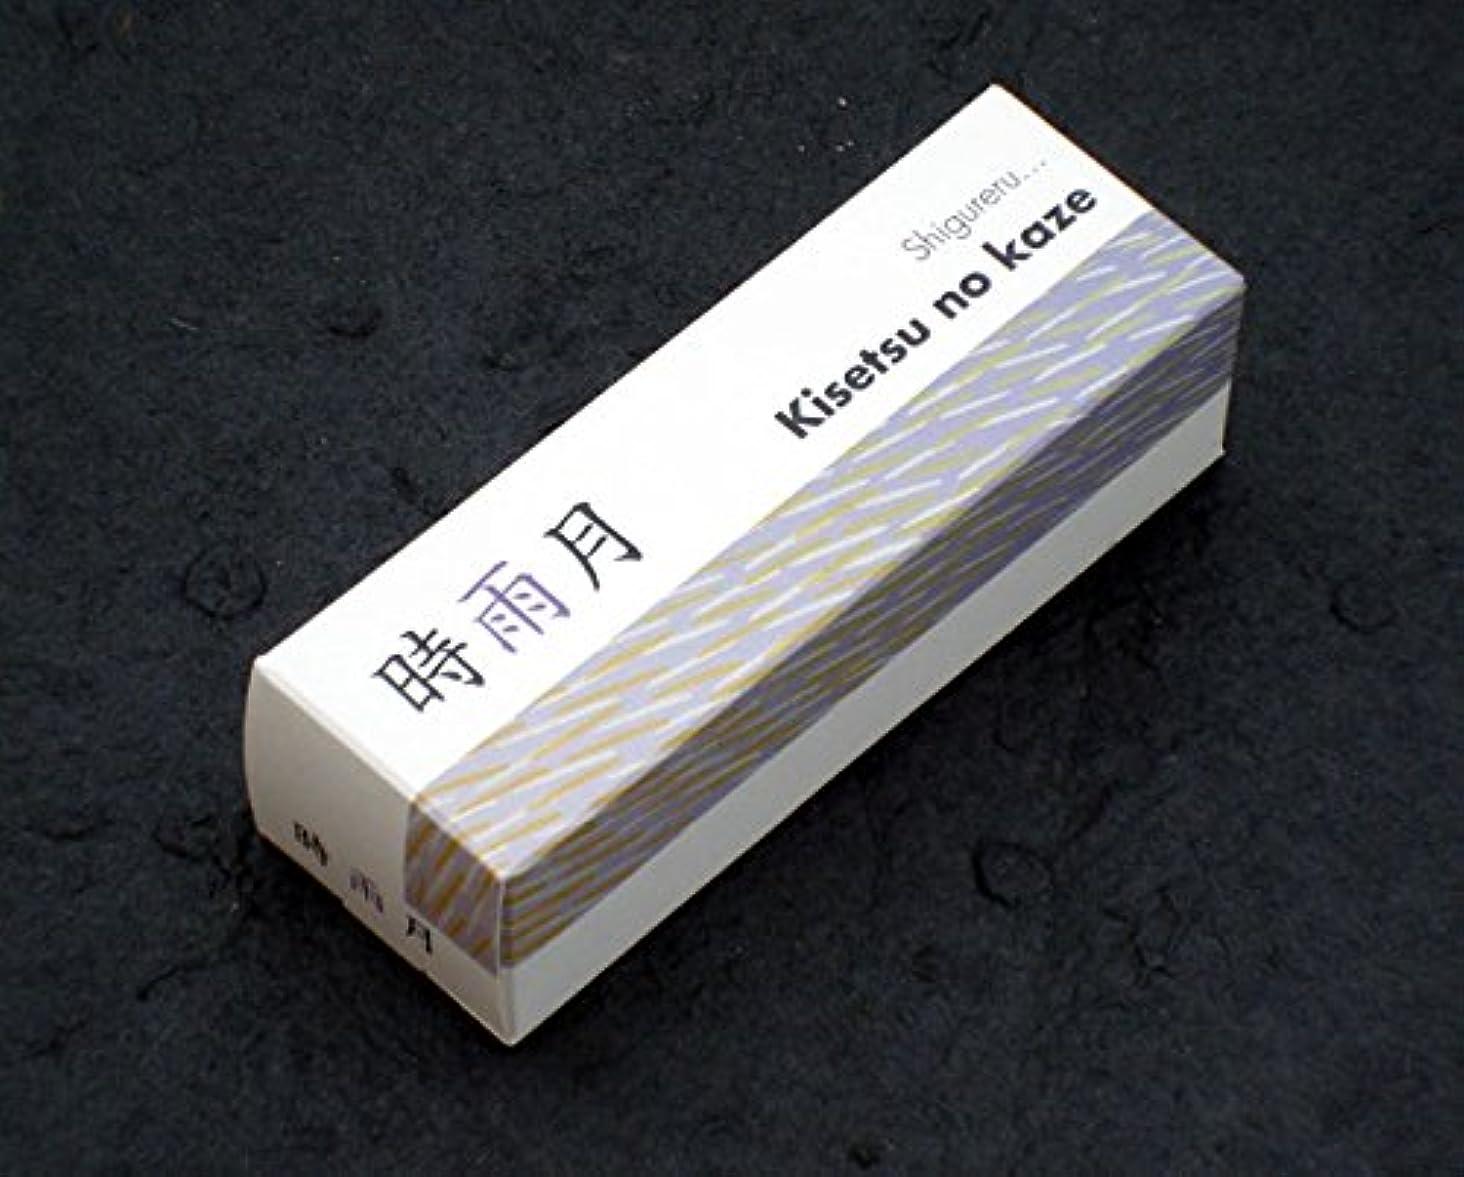 バランスのとれた細分化するアストロラーベ季節の風 時雨月(しぐれづき)【松栄堂】 【お香】